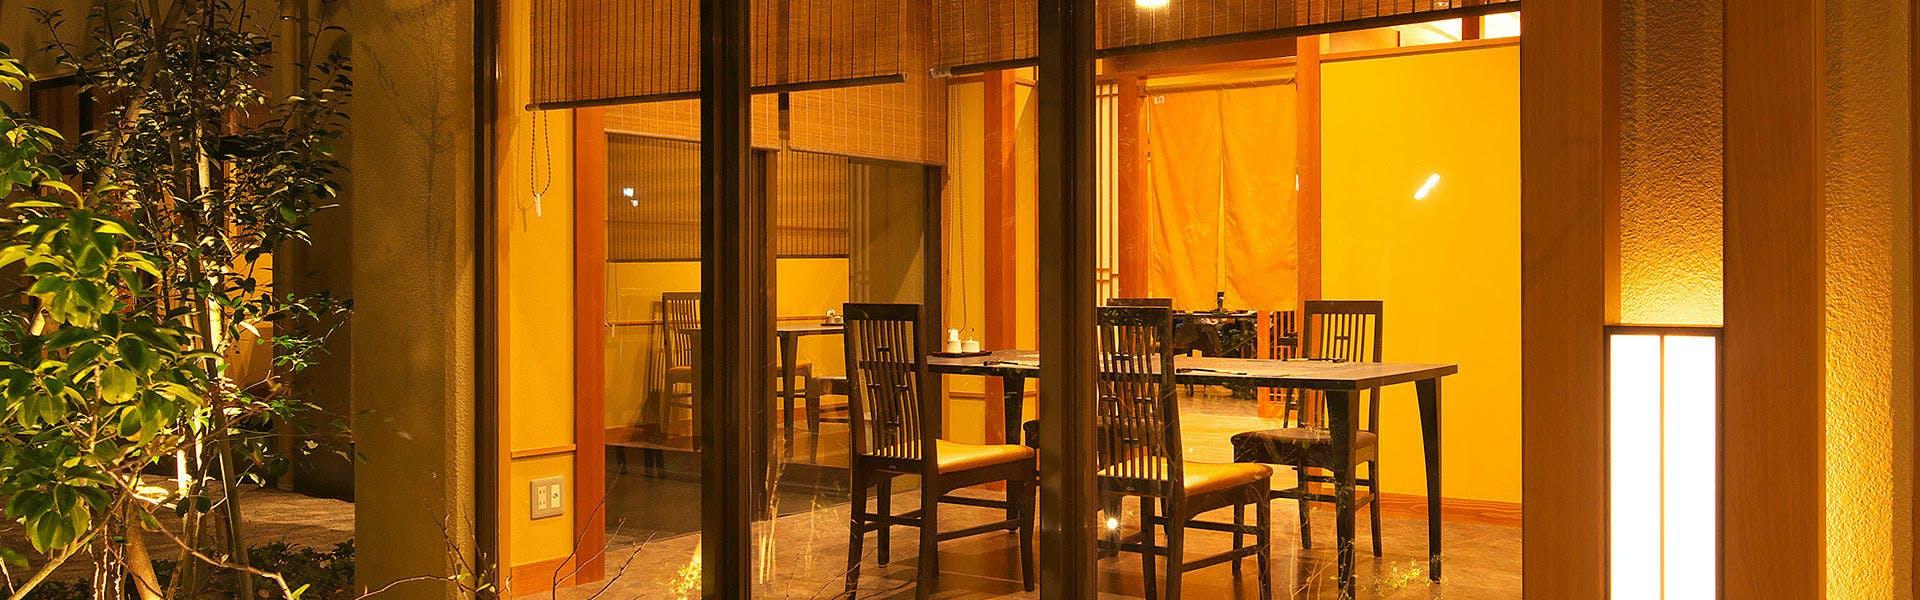 記念日におすすめのホテル・【和海の宿ささ游】 の空室状況を確認するの写真3